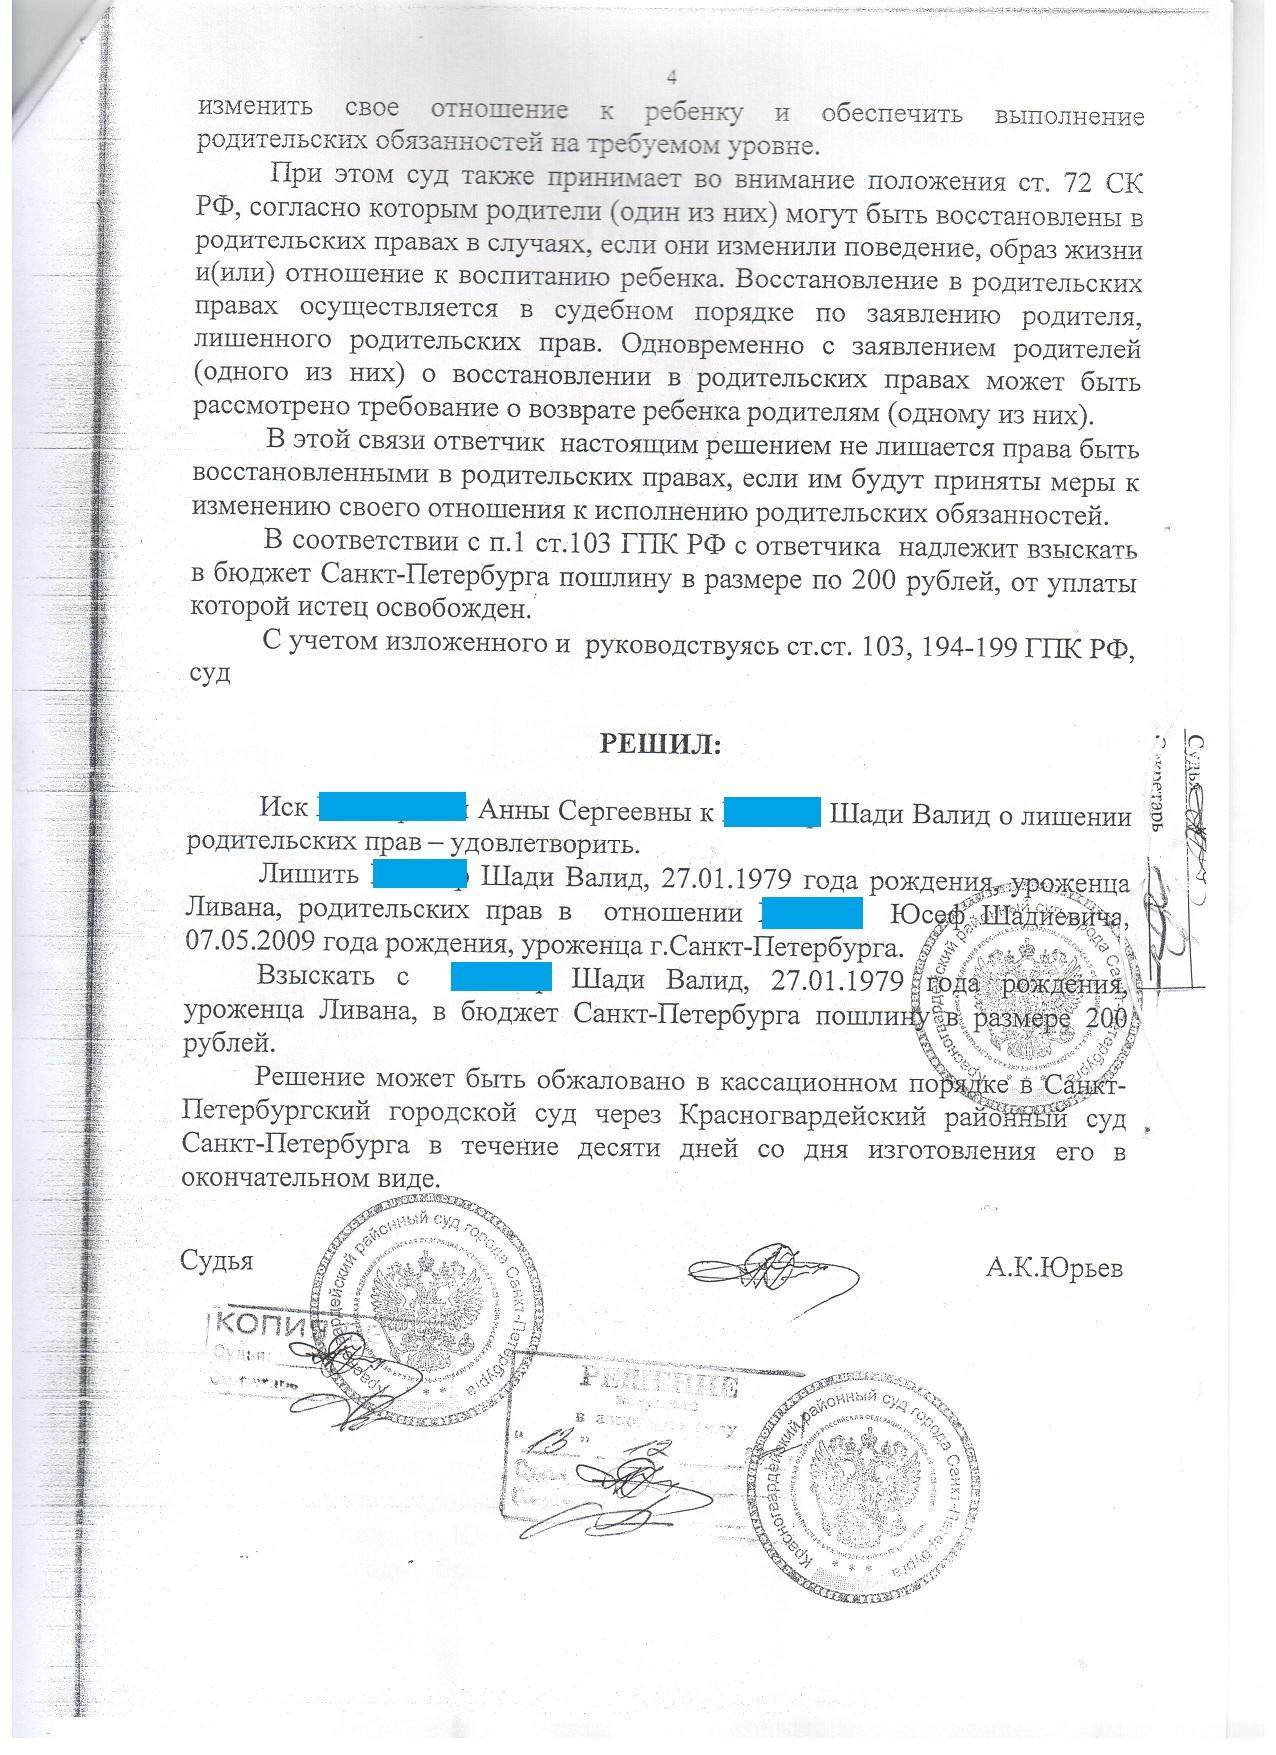 12.02.2016. У банка отозвана лицензия – что делать вкладчику